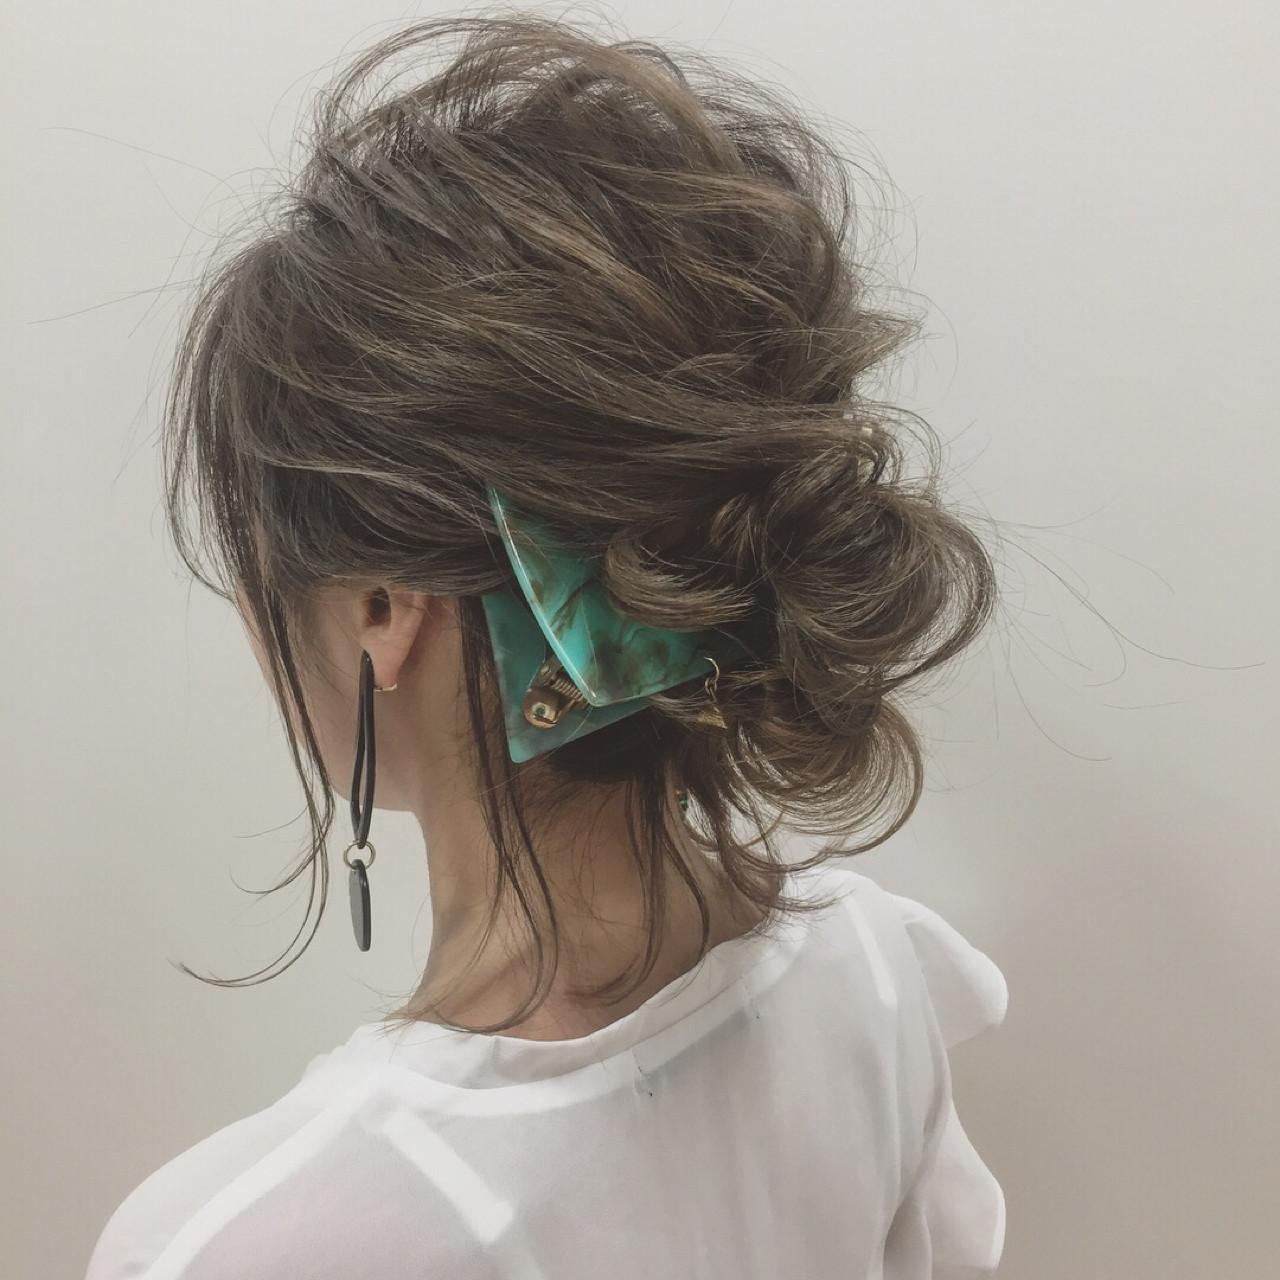 リラックス 大人女子 ヘアアレンジ 透明感 ヘアスタイルや髪型の写真・画像